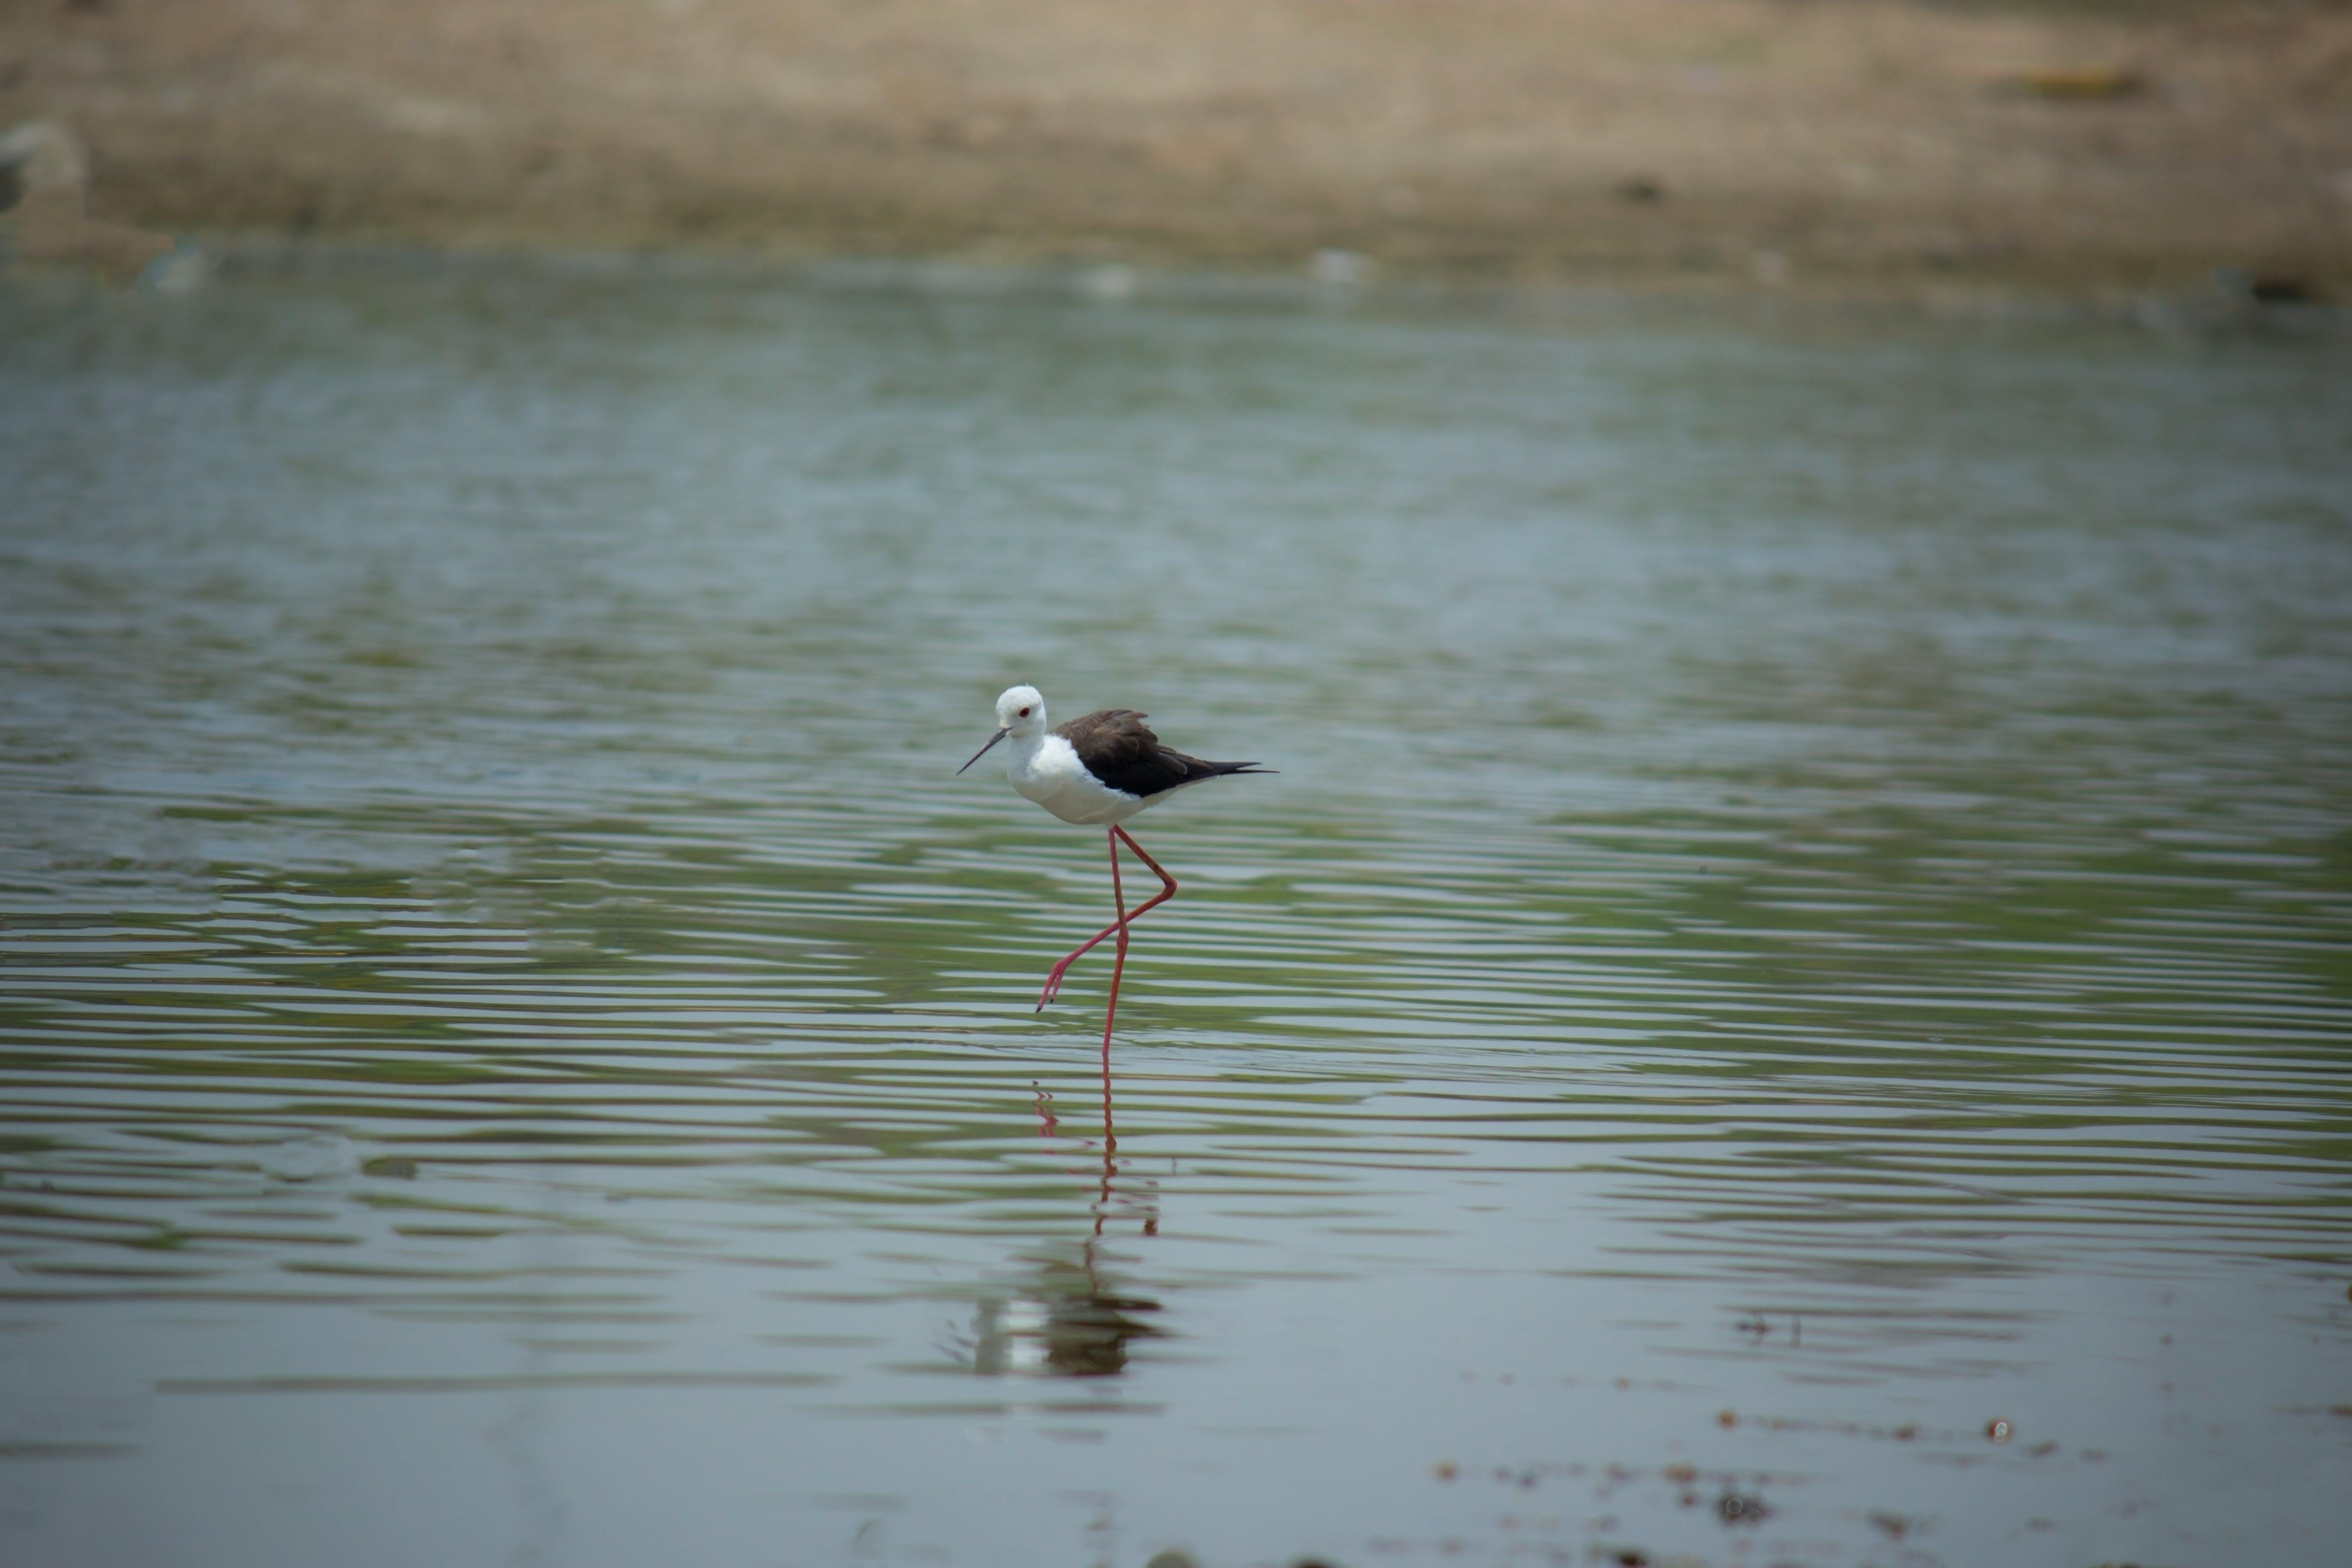 Gratis stockfoto met #natuur #bird #birdsofinstagram #animals #wildlife, #watervogels #devon #birds #birdstagram #bird #ukbir